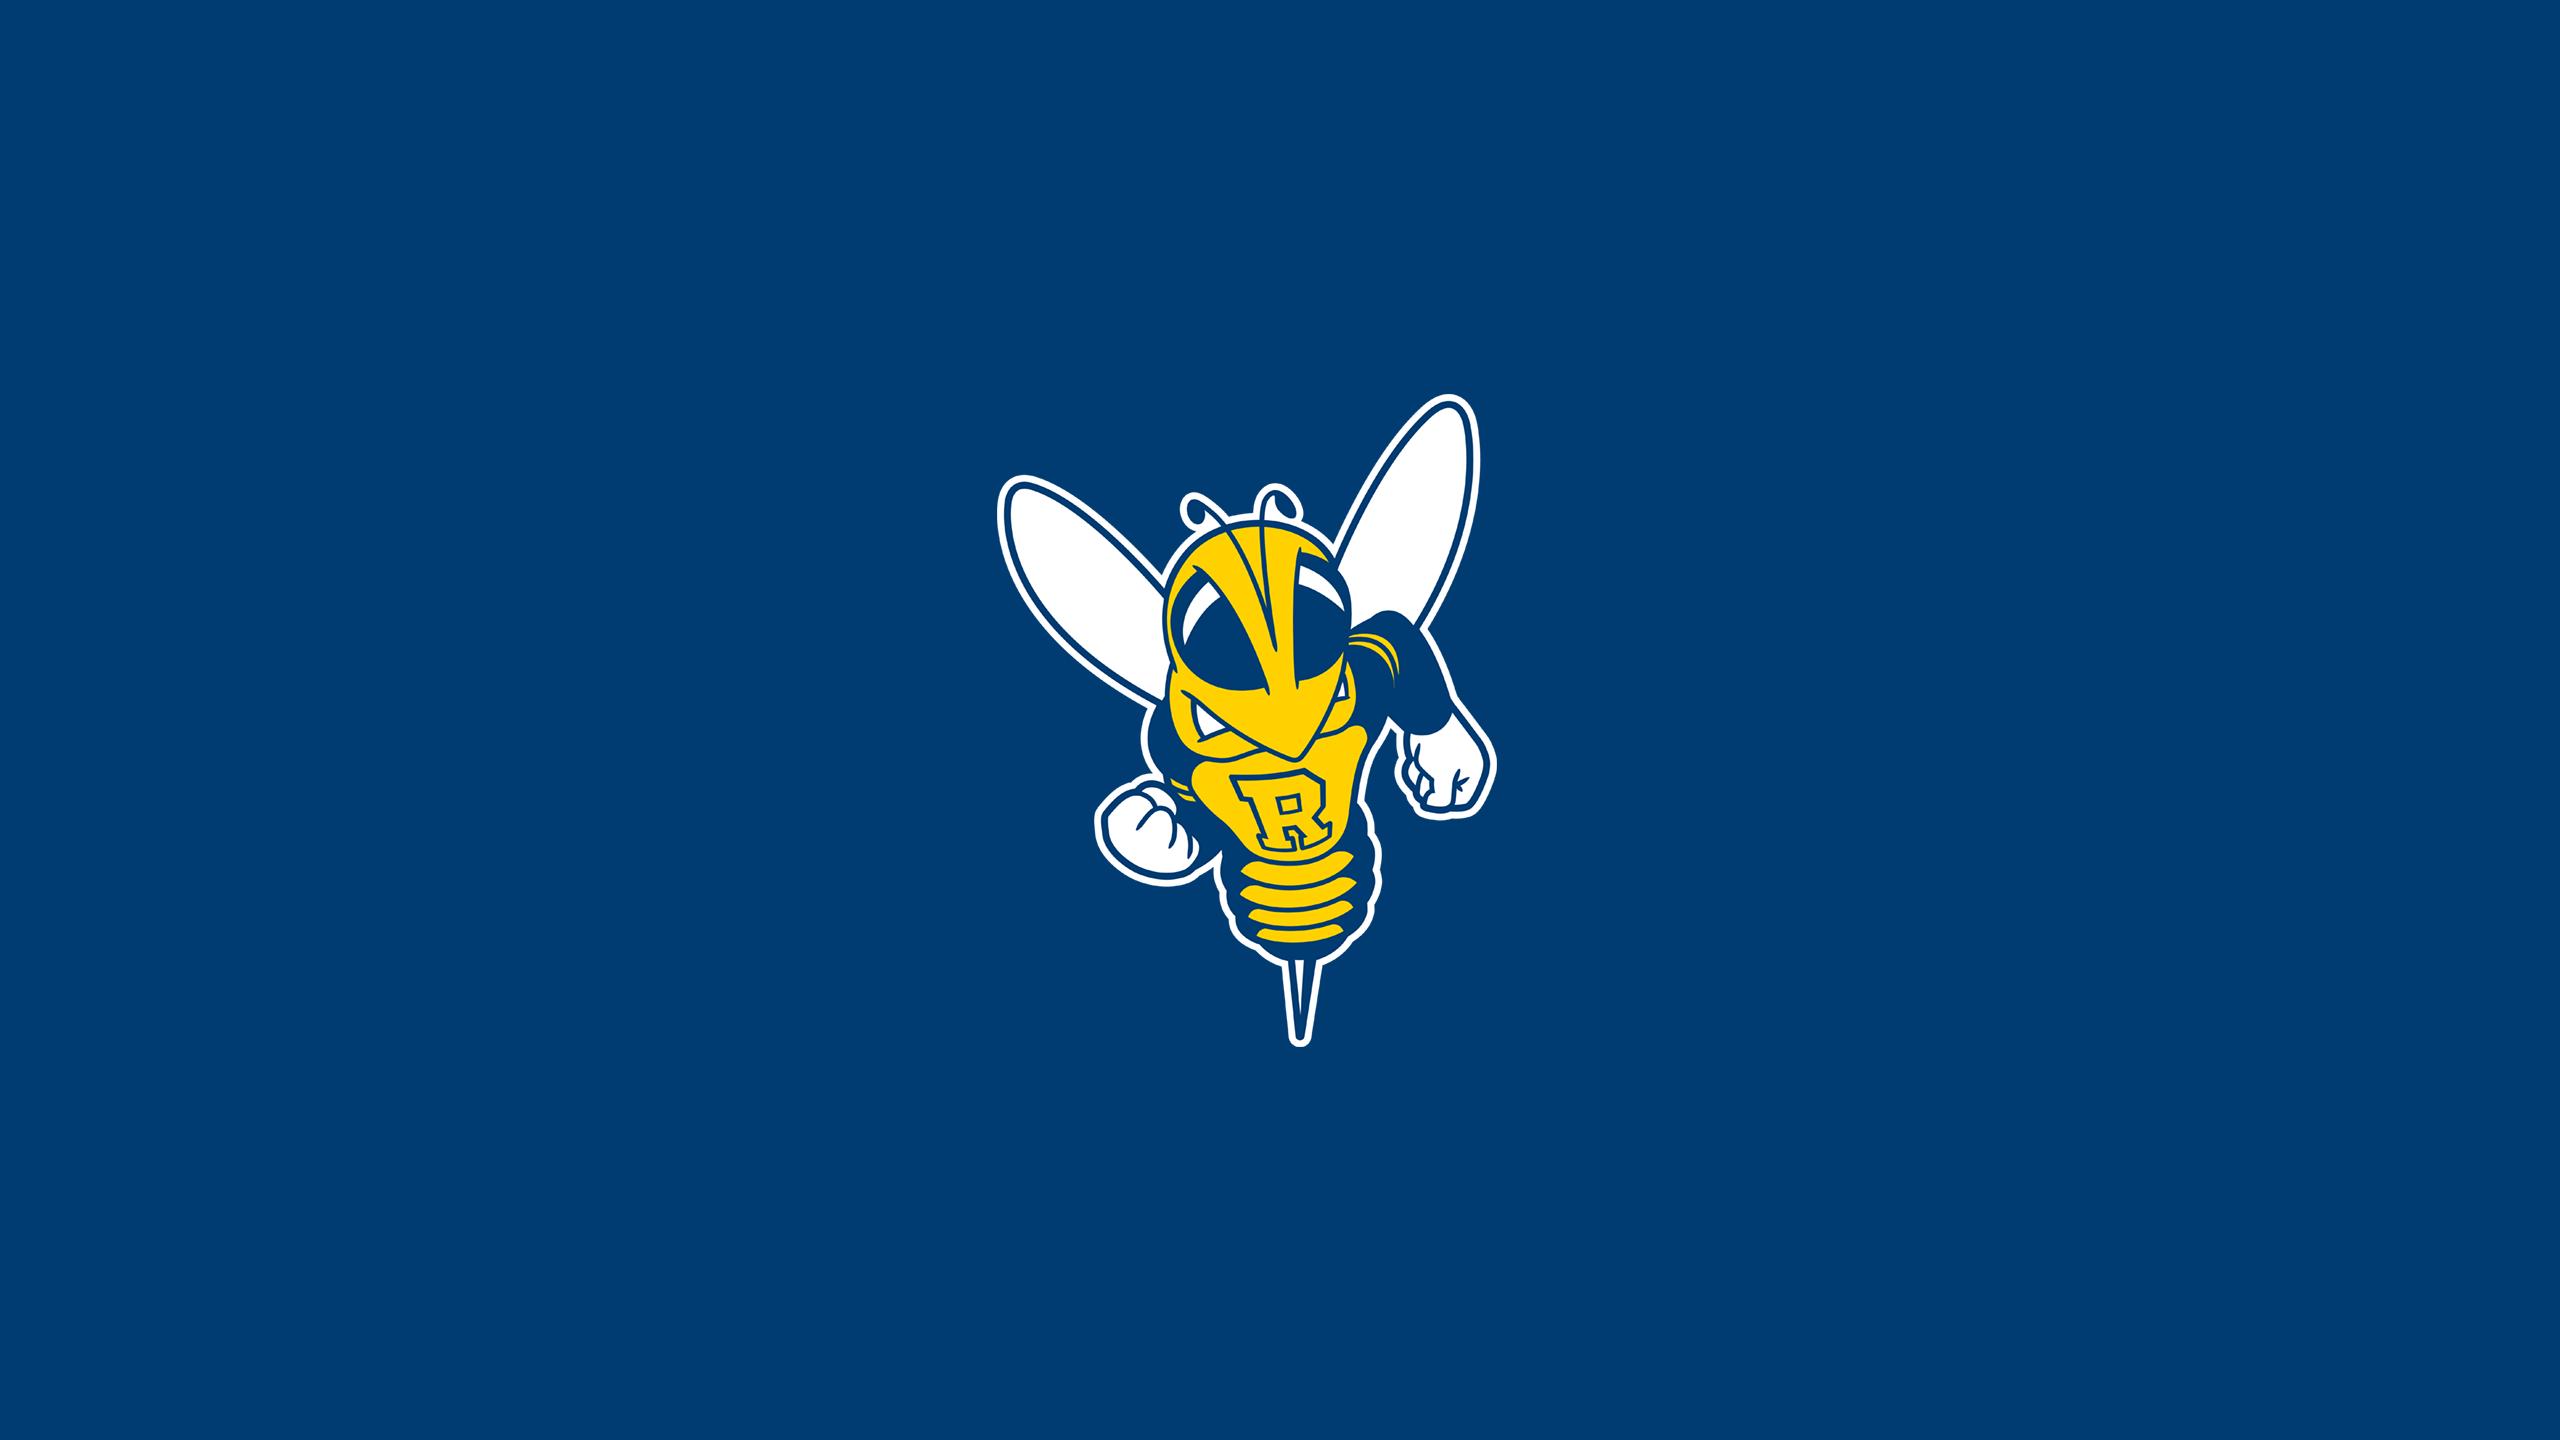 University of Rochester (NY) Yellow Jackets